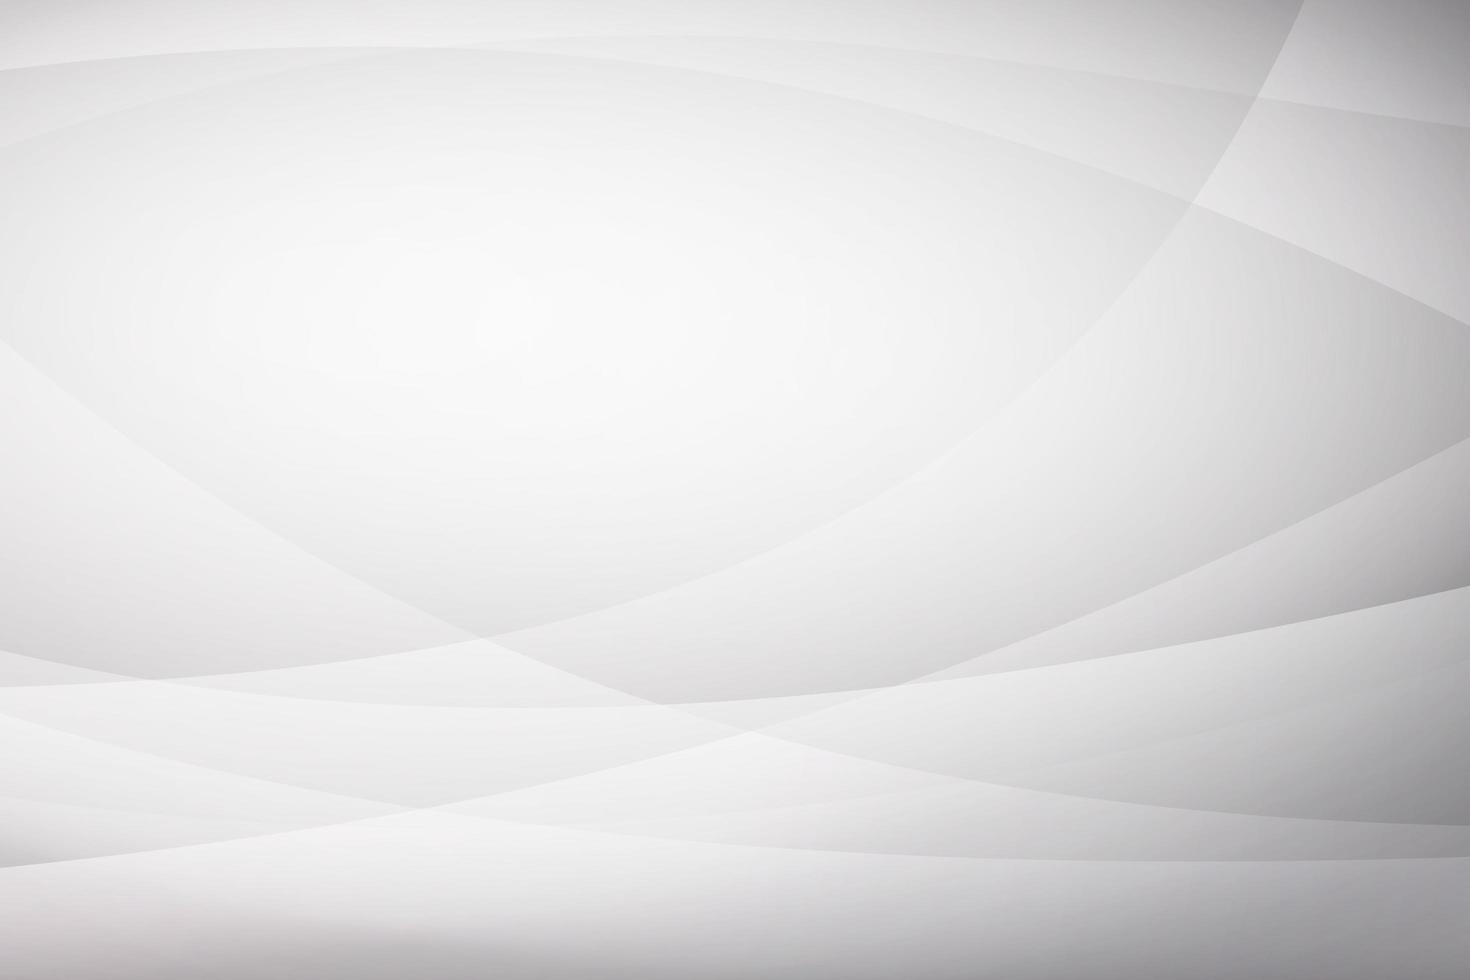 fondo abstracto curva blanca vector